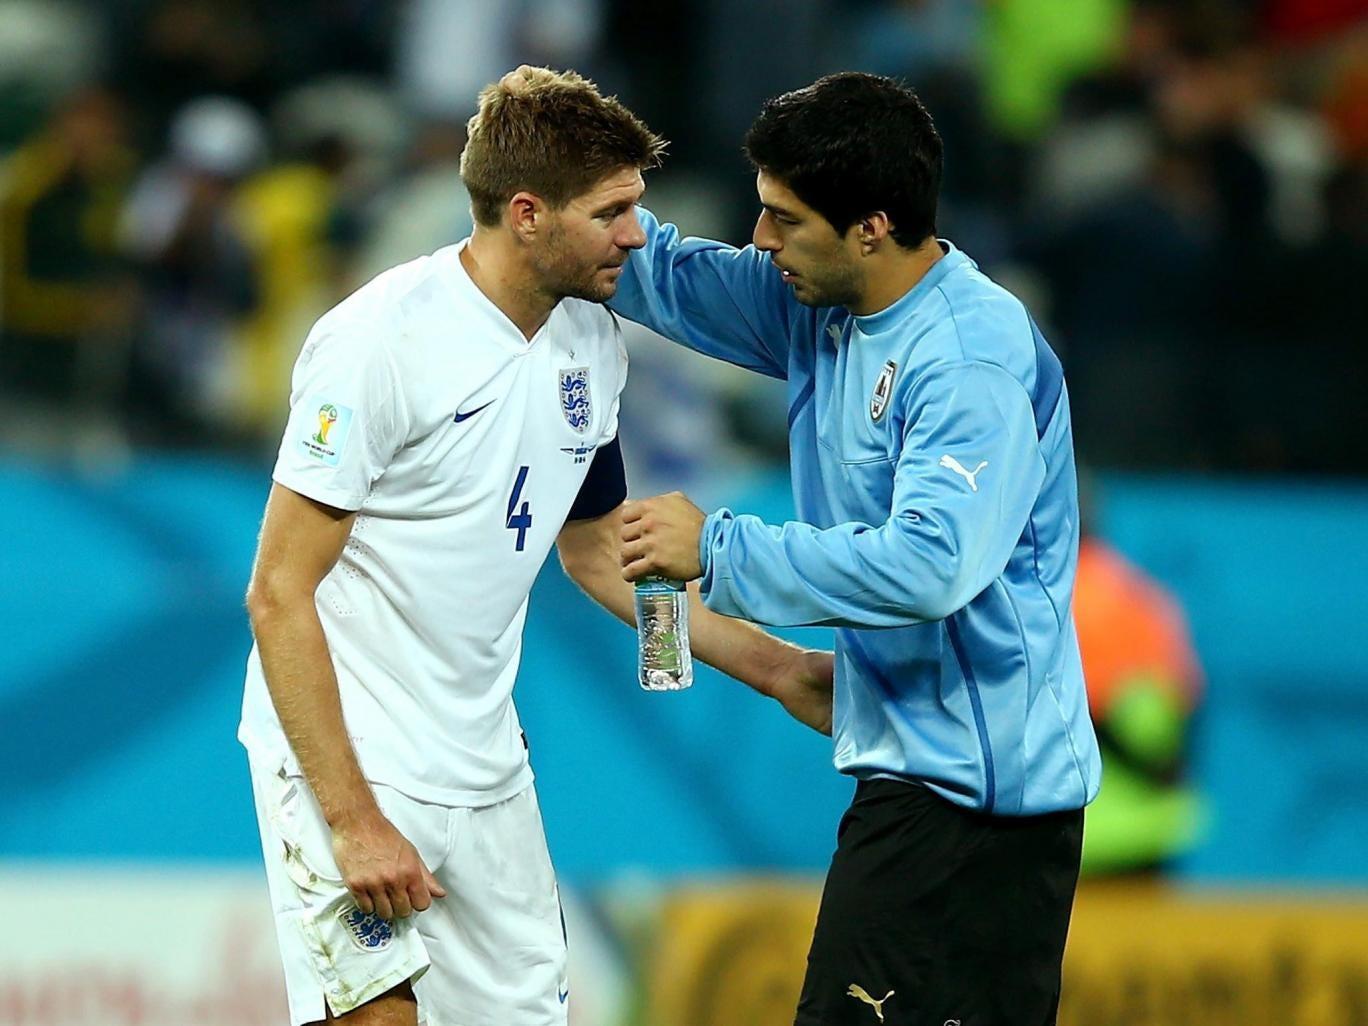 Luis Suarez consoles Steven Gerrard after England's defeat against Uruguay